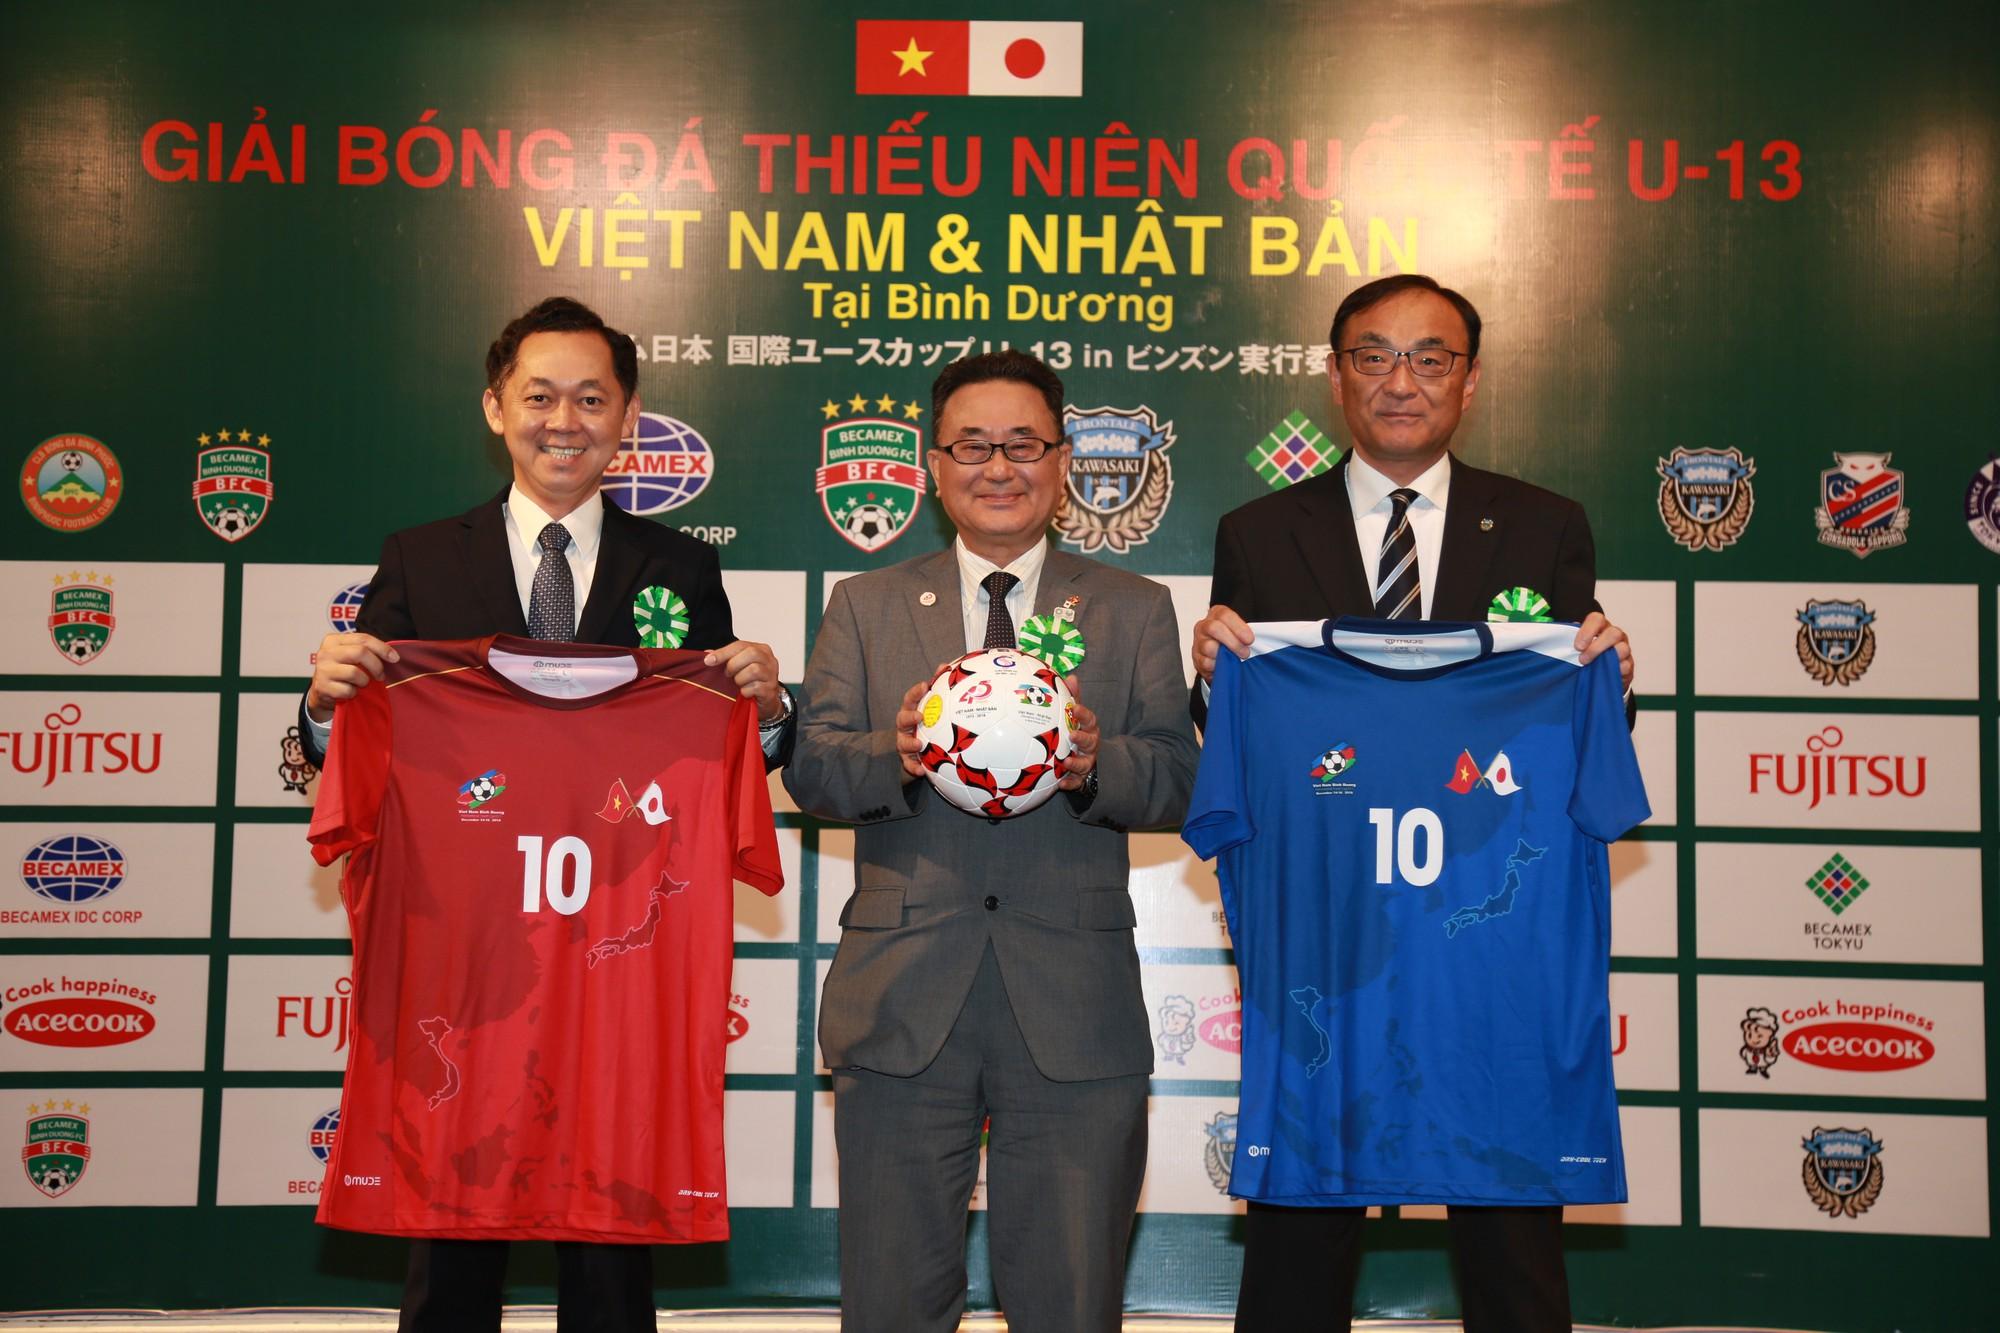 Giải bóng đá thiếu niên quốc tế U13 Việt Nam – Nhật Bản tại Bình Dương - Ảnh 1.